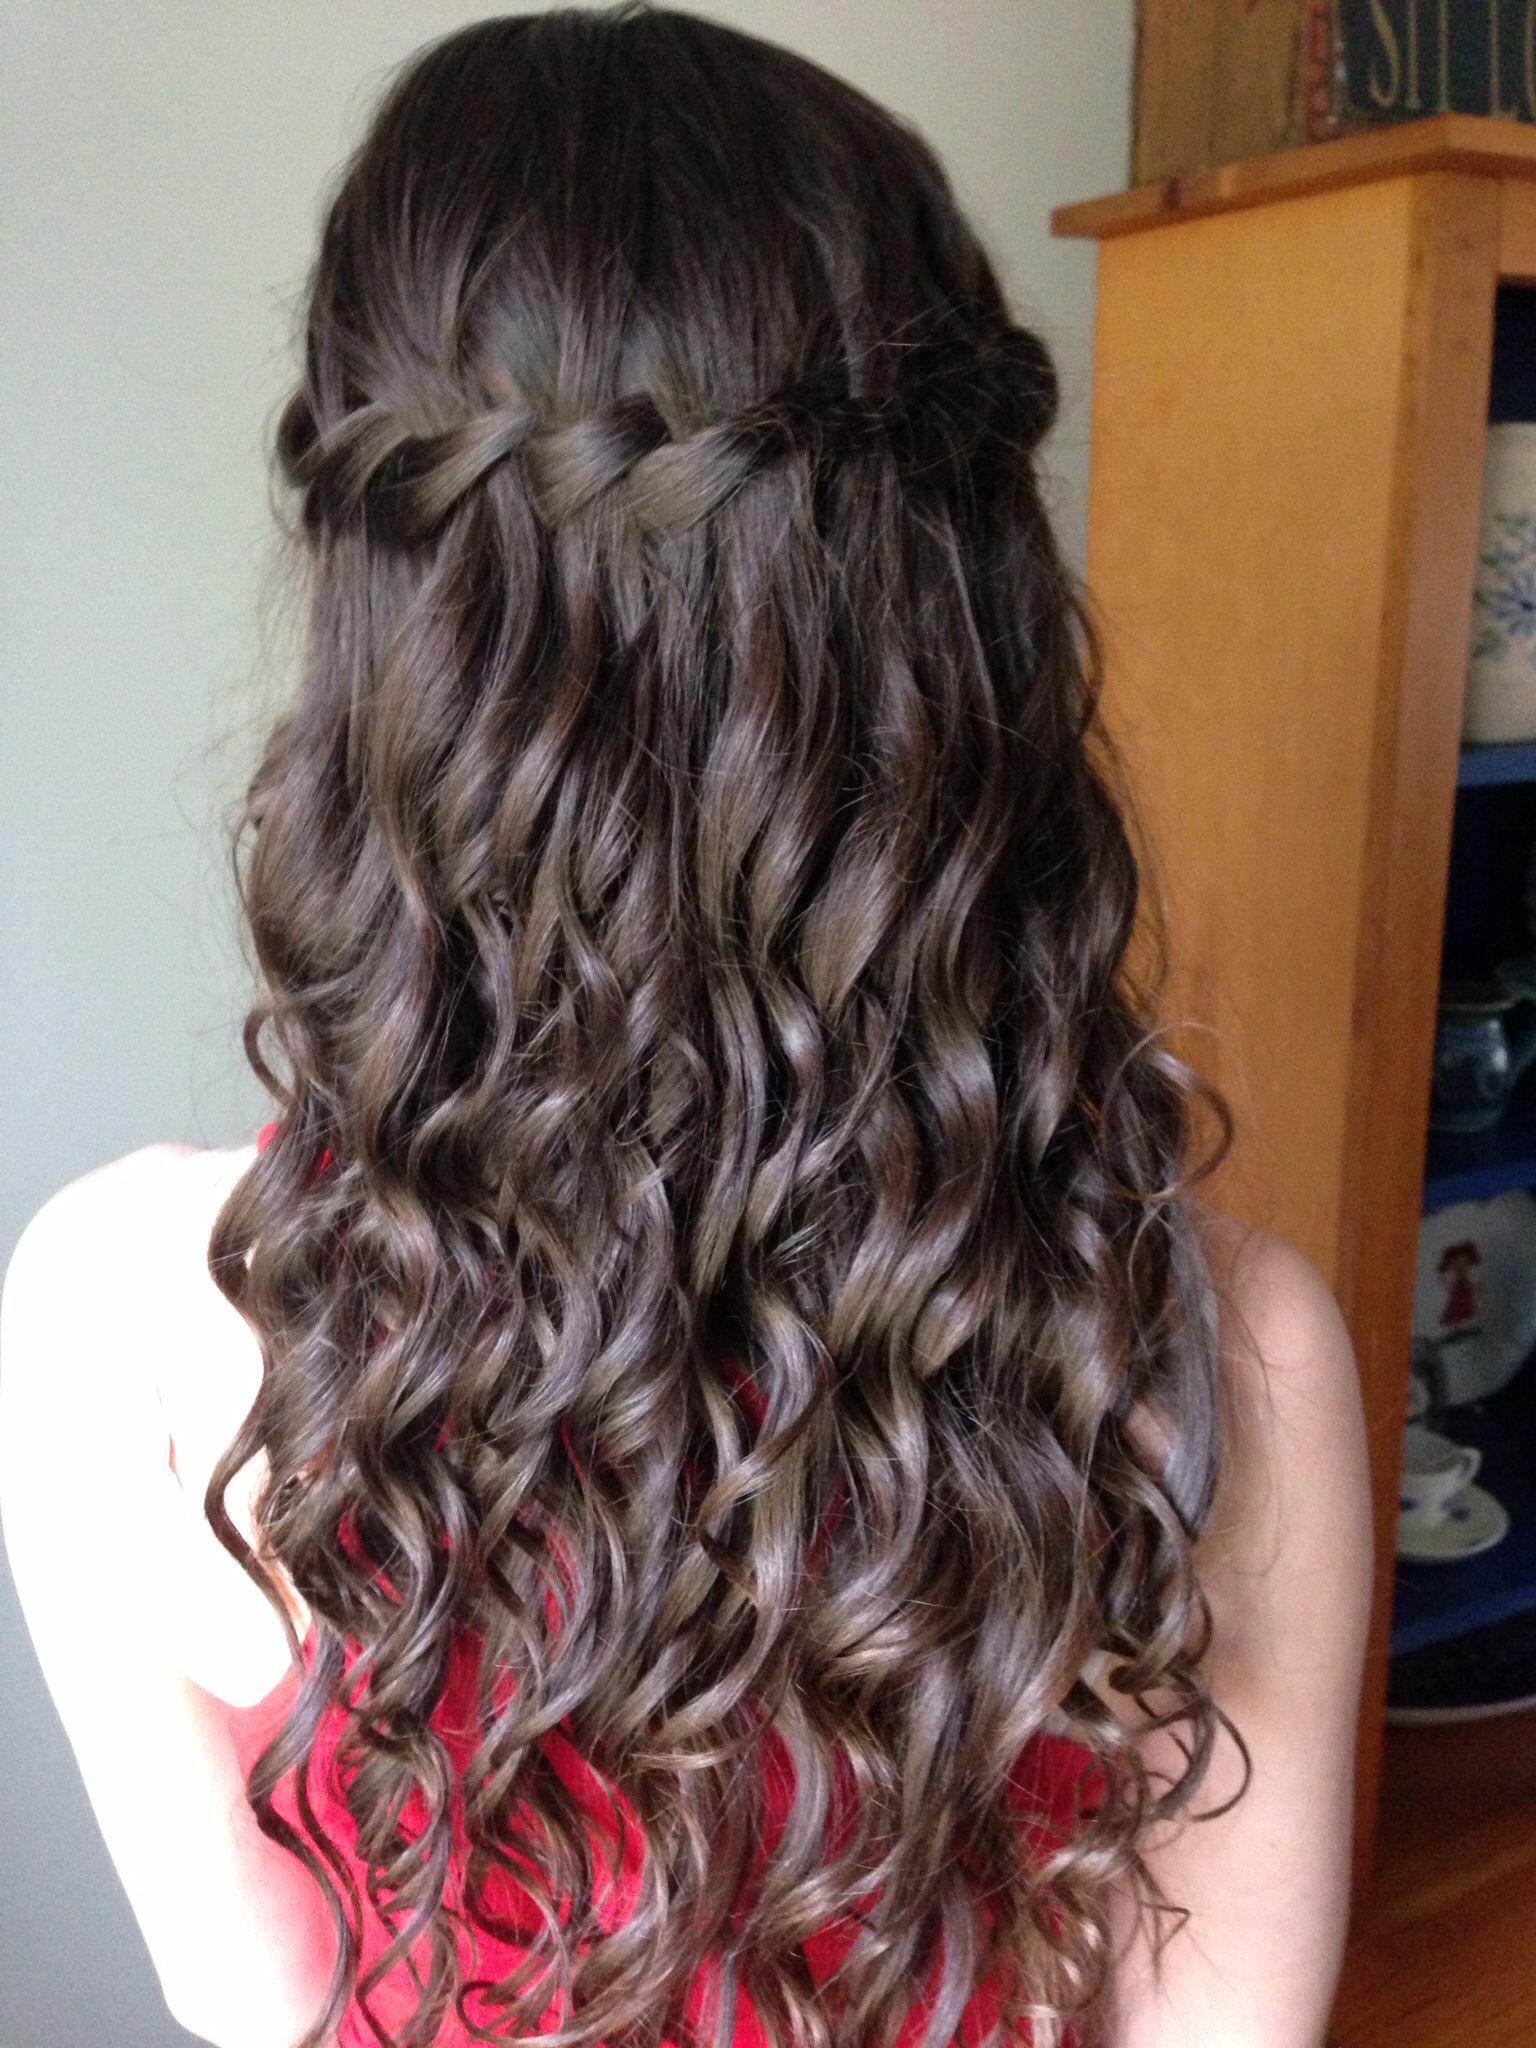 My waterfall prom hair hair pinterest prom hair